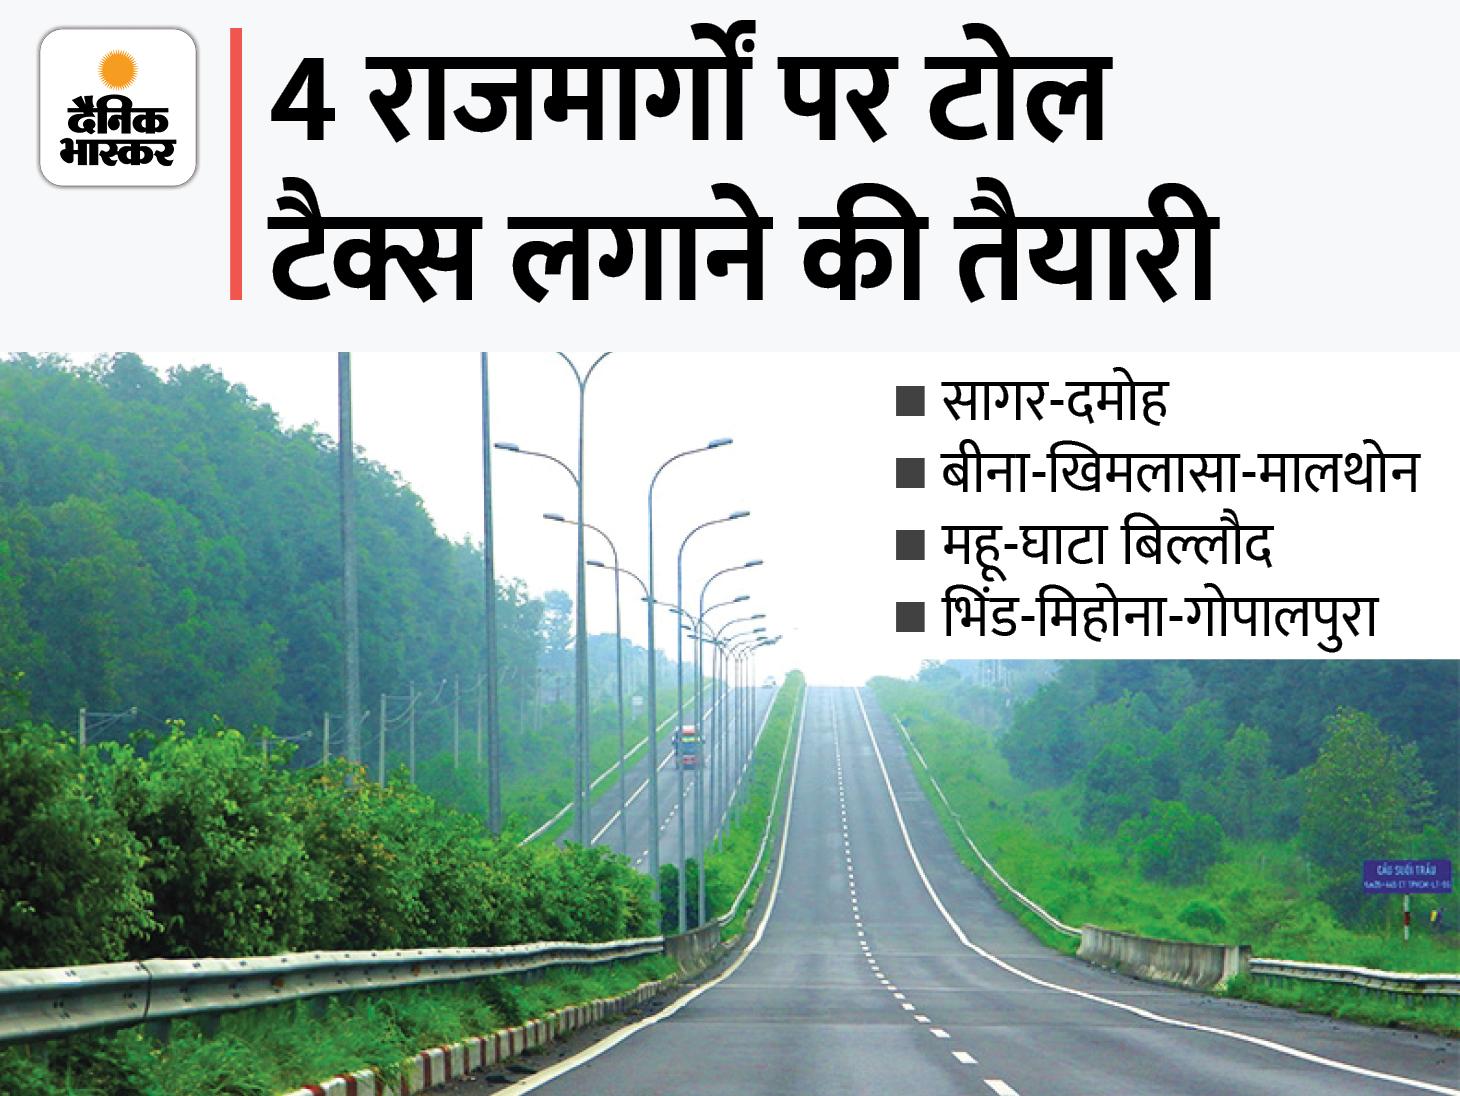 4 हाईवे पर टोल टैक्स लगाने का प्रस्ताव; बैकलाॅग पद भरने के लिए भर्ती अभियान एक साल बढ़ेगी, न्यायिक सेवा के चयनित उम्मीदवारों को भरना होगा बाॅन्ड मध्य प्रदेश,Madhya Pradesh - Dainik Bhaskar